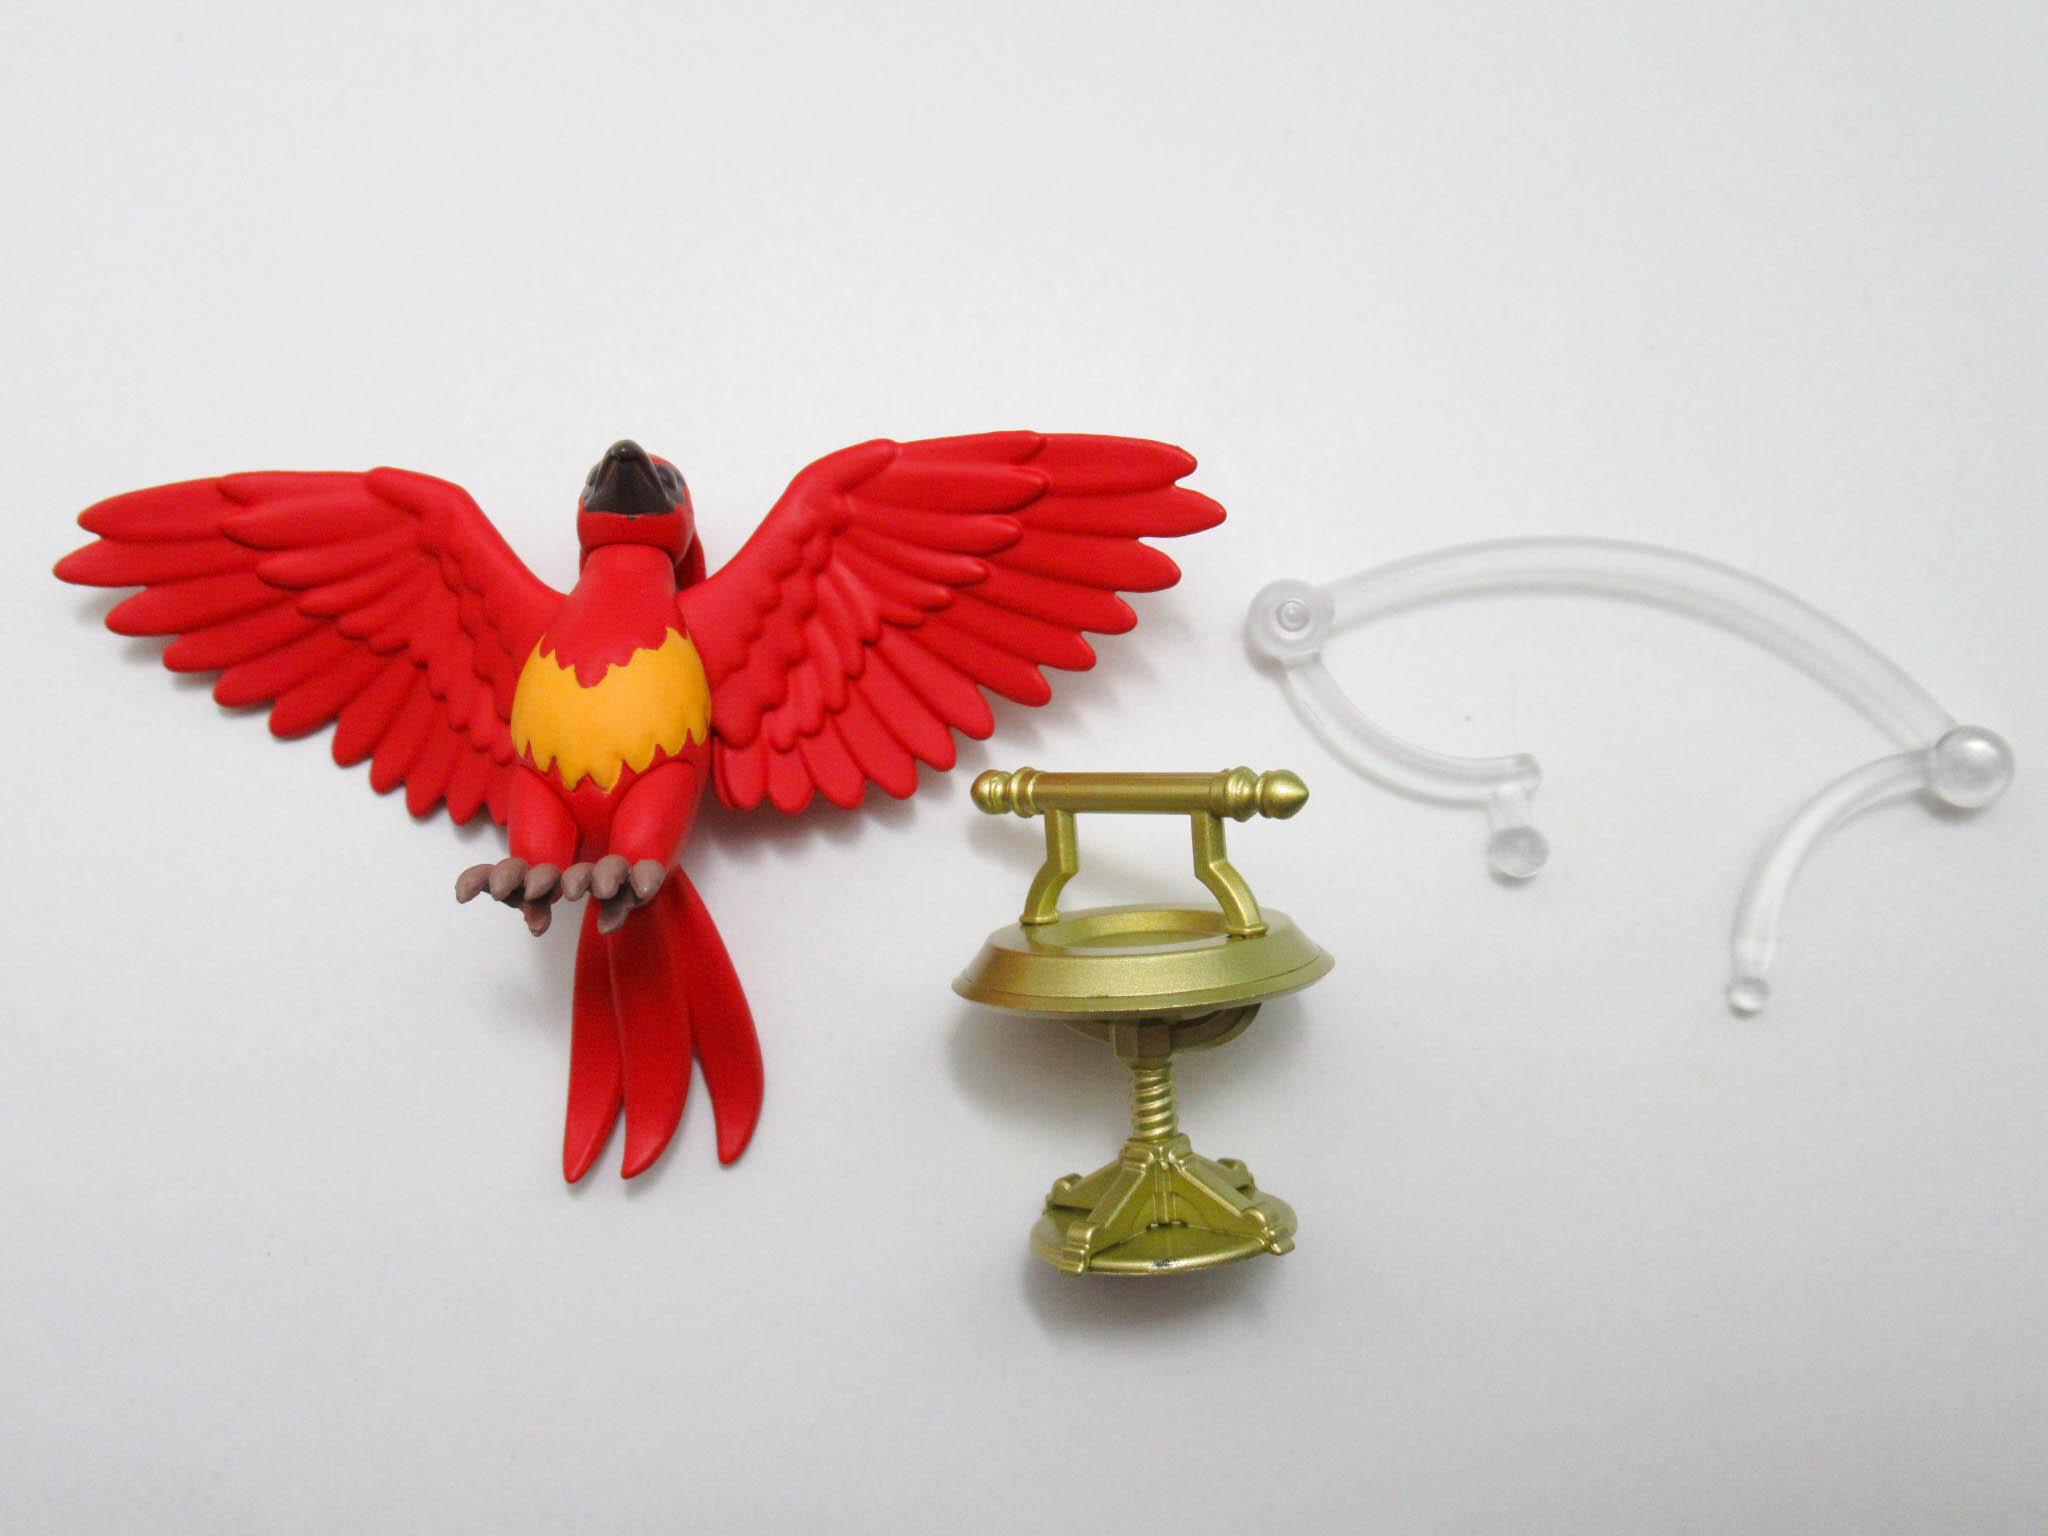 再入荷【1350】 アルバス・ダンブルドア 小物パーツ 不死鳥のフォークス ねんどろいど